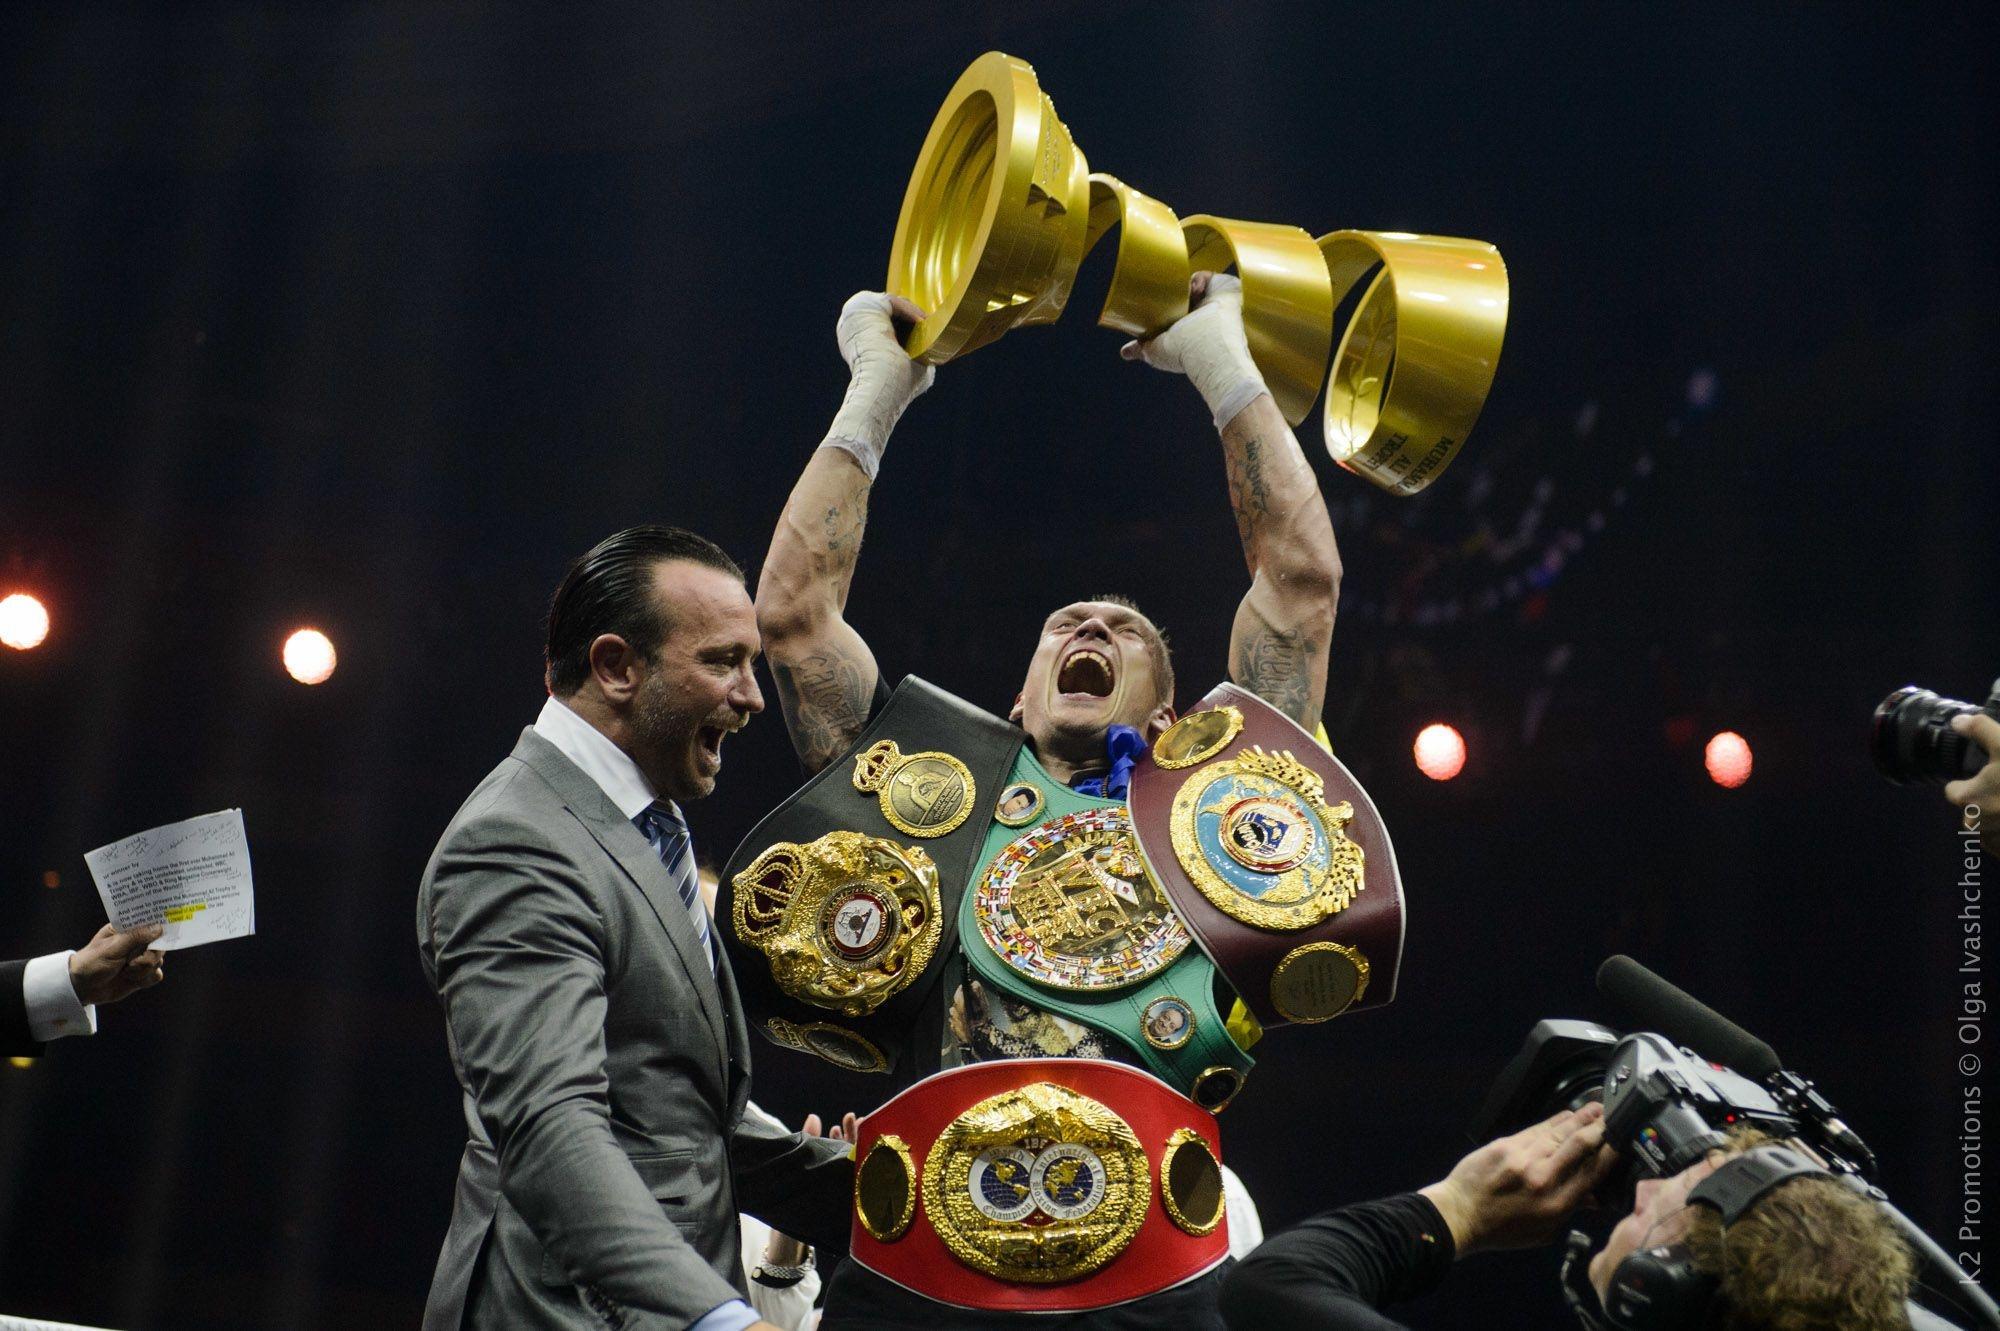 Олександр Усик зібрав усі найпрестижніші пояси у своєму дивізіоні і став першим в історії України абсолютним чемпіоном світу у професійному боксі